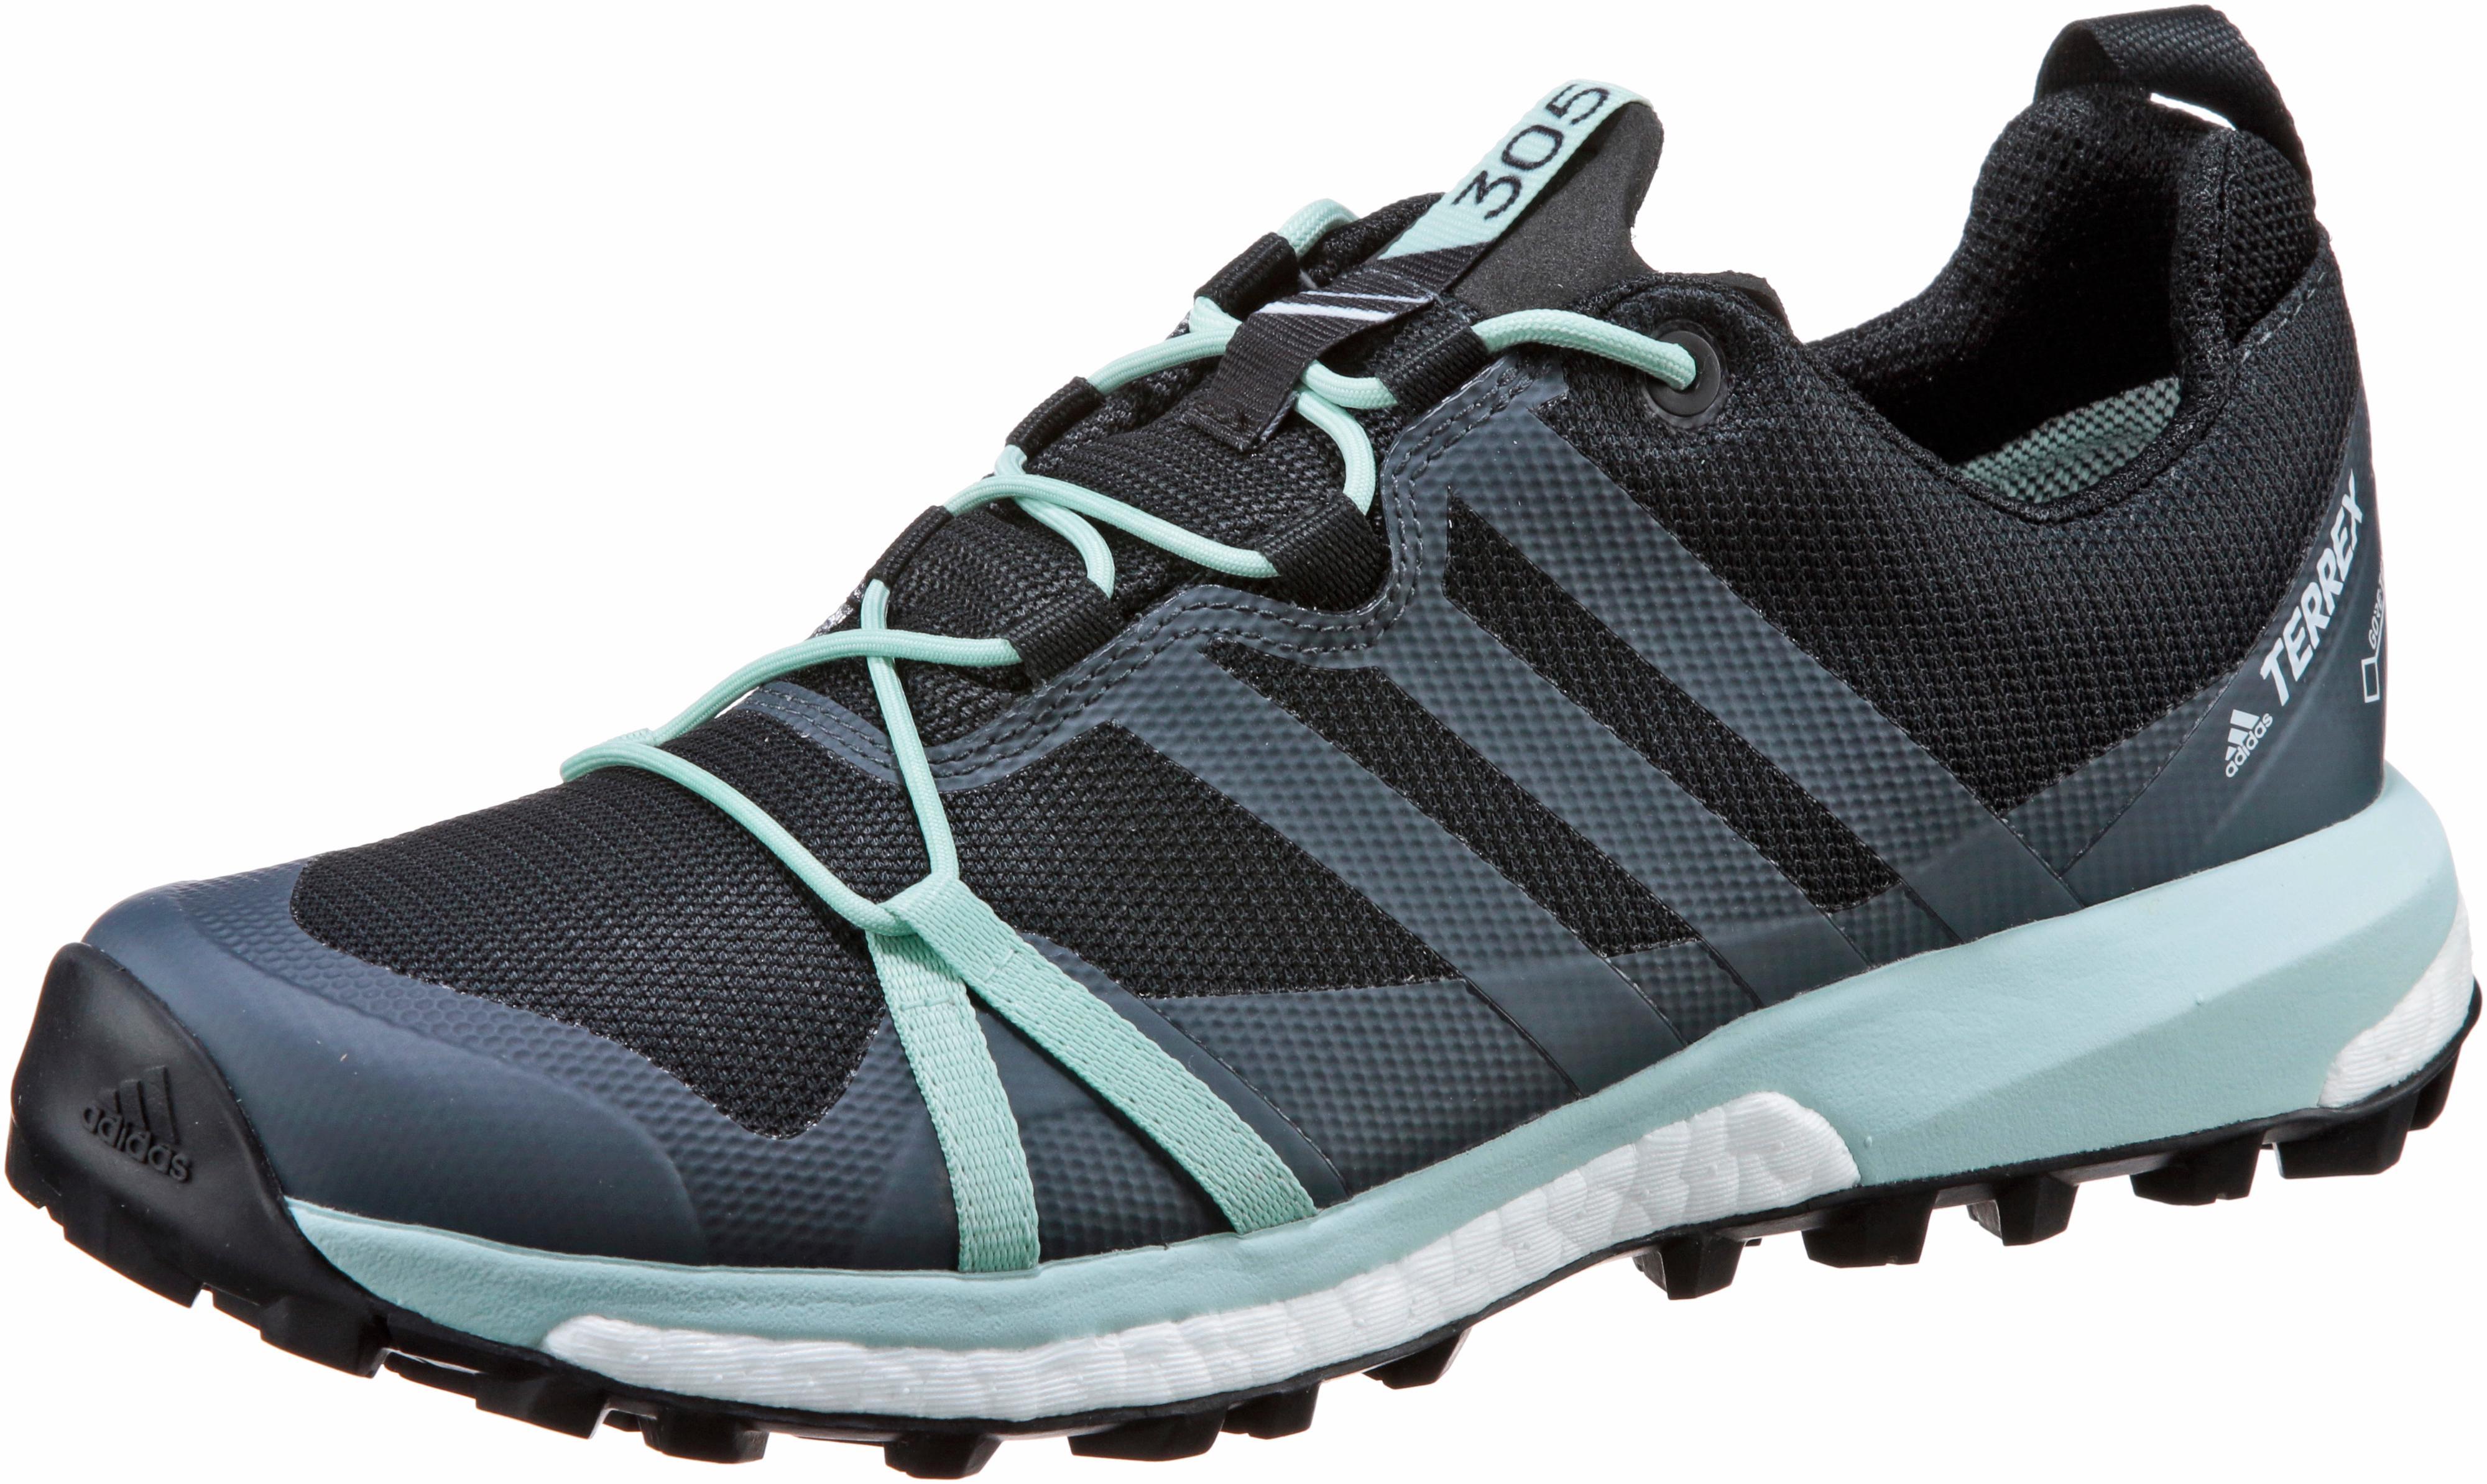 Adidas Agravic GTX Mountain Running Schuhe Damen carbon-grau three-ash Grün Grün Grün im Online Shop von SportScheck kaufen Gute Qualität beliebte Schuhe fa4be4